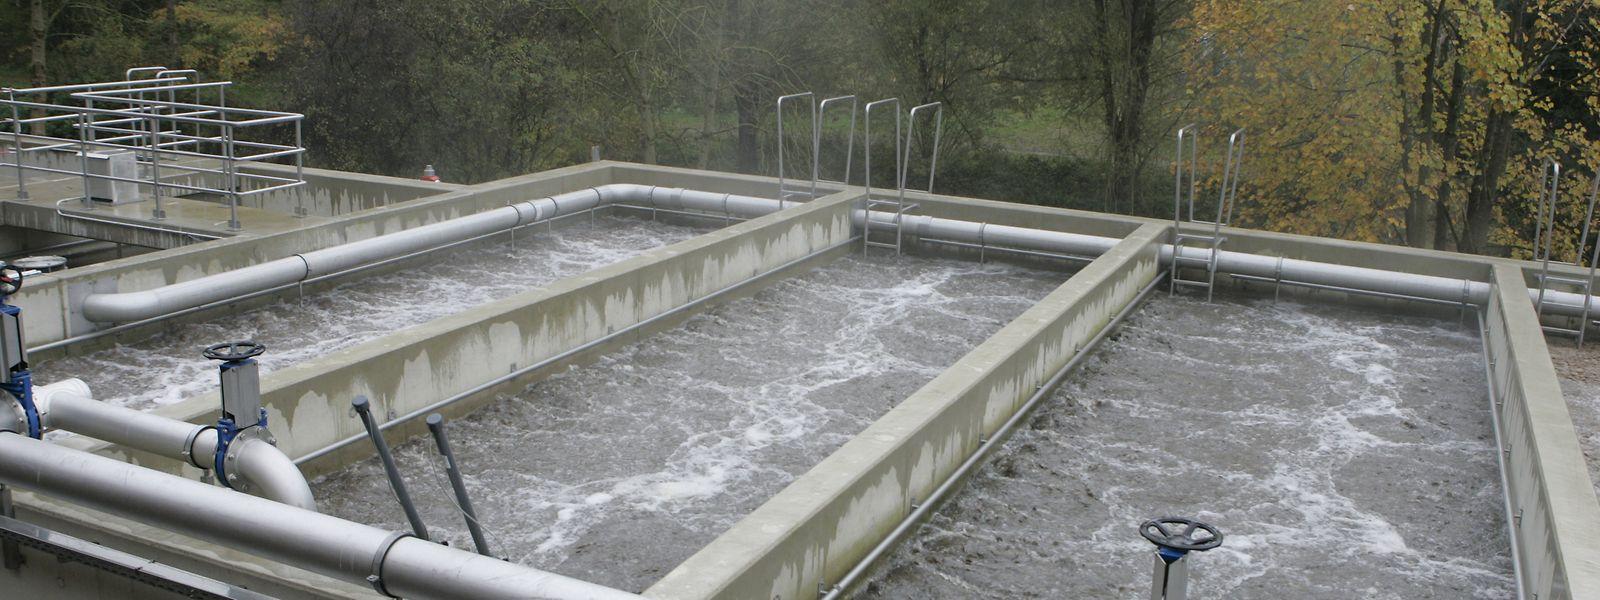 Les eaux usées de la station de Hesperange ont été analysées par les chercheurs du List.